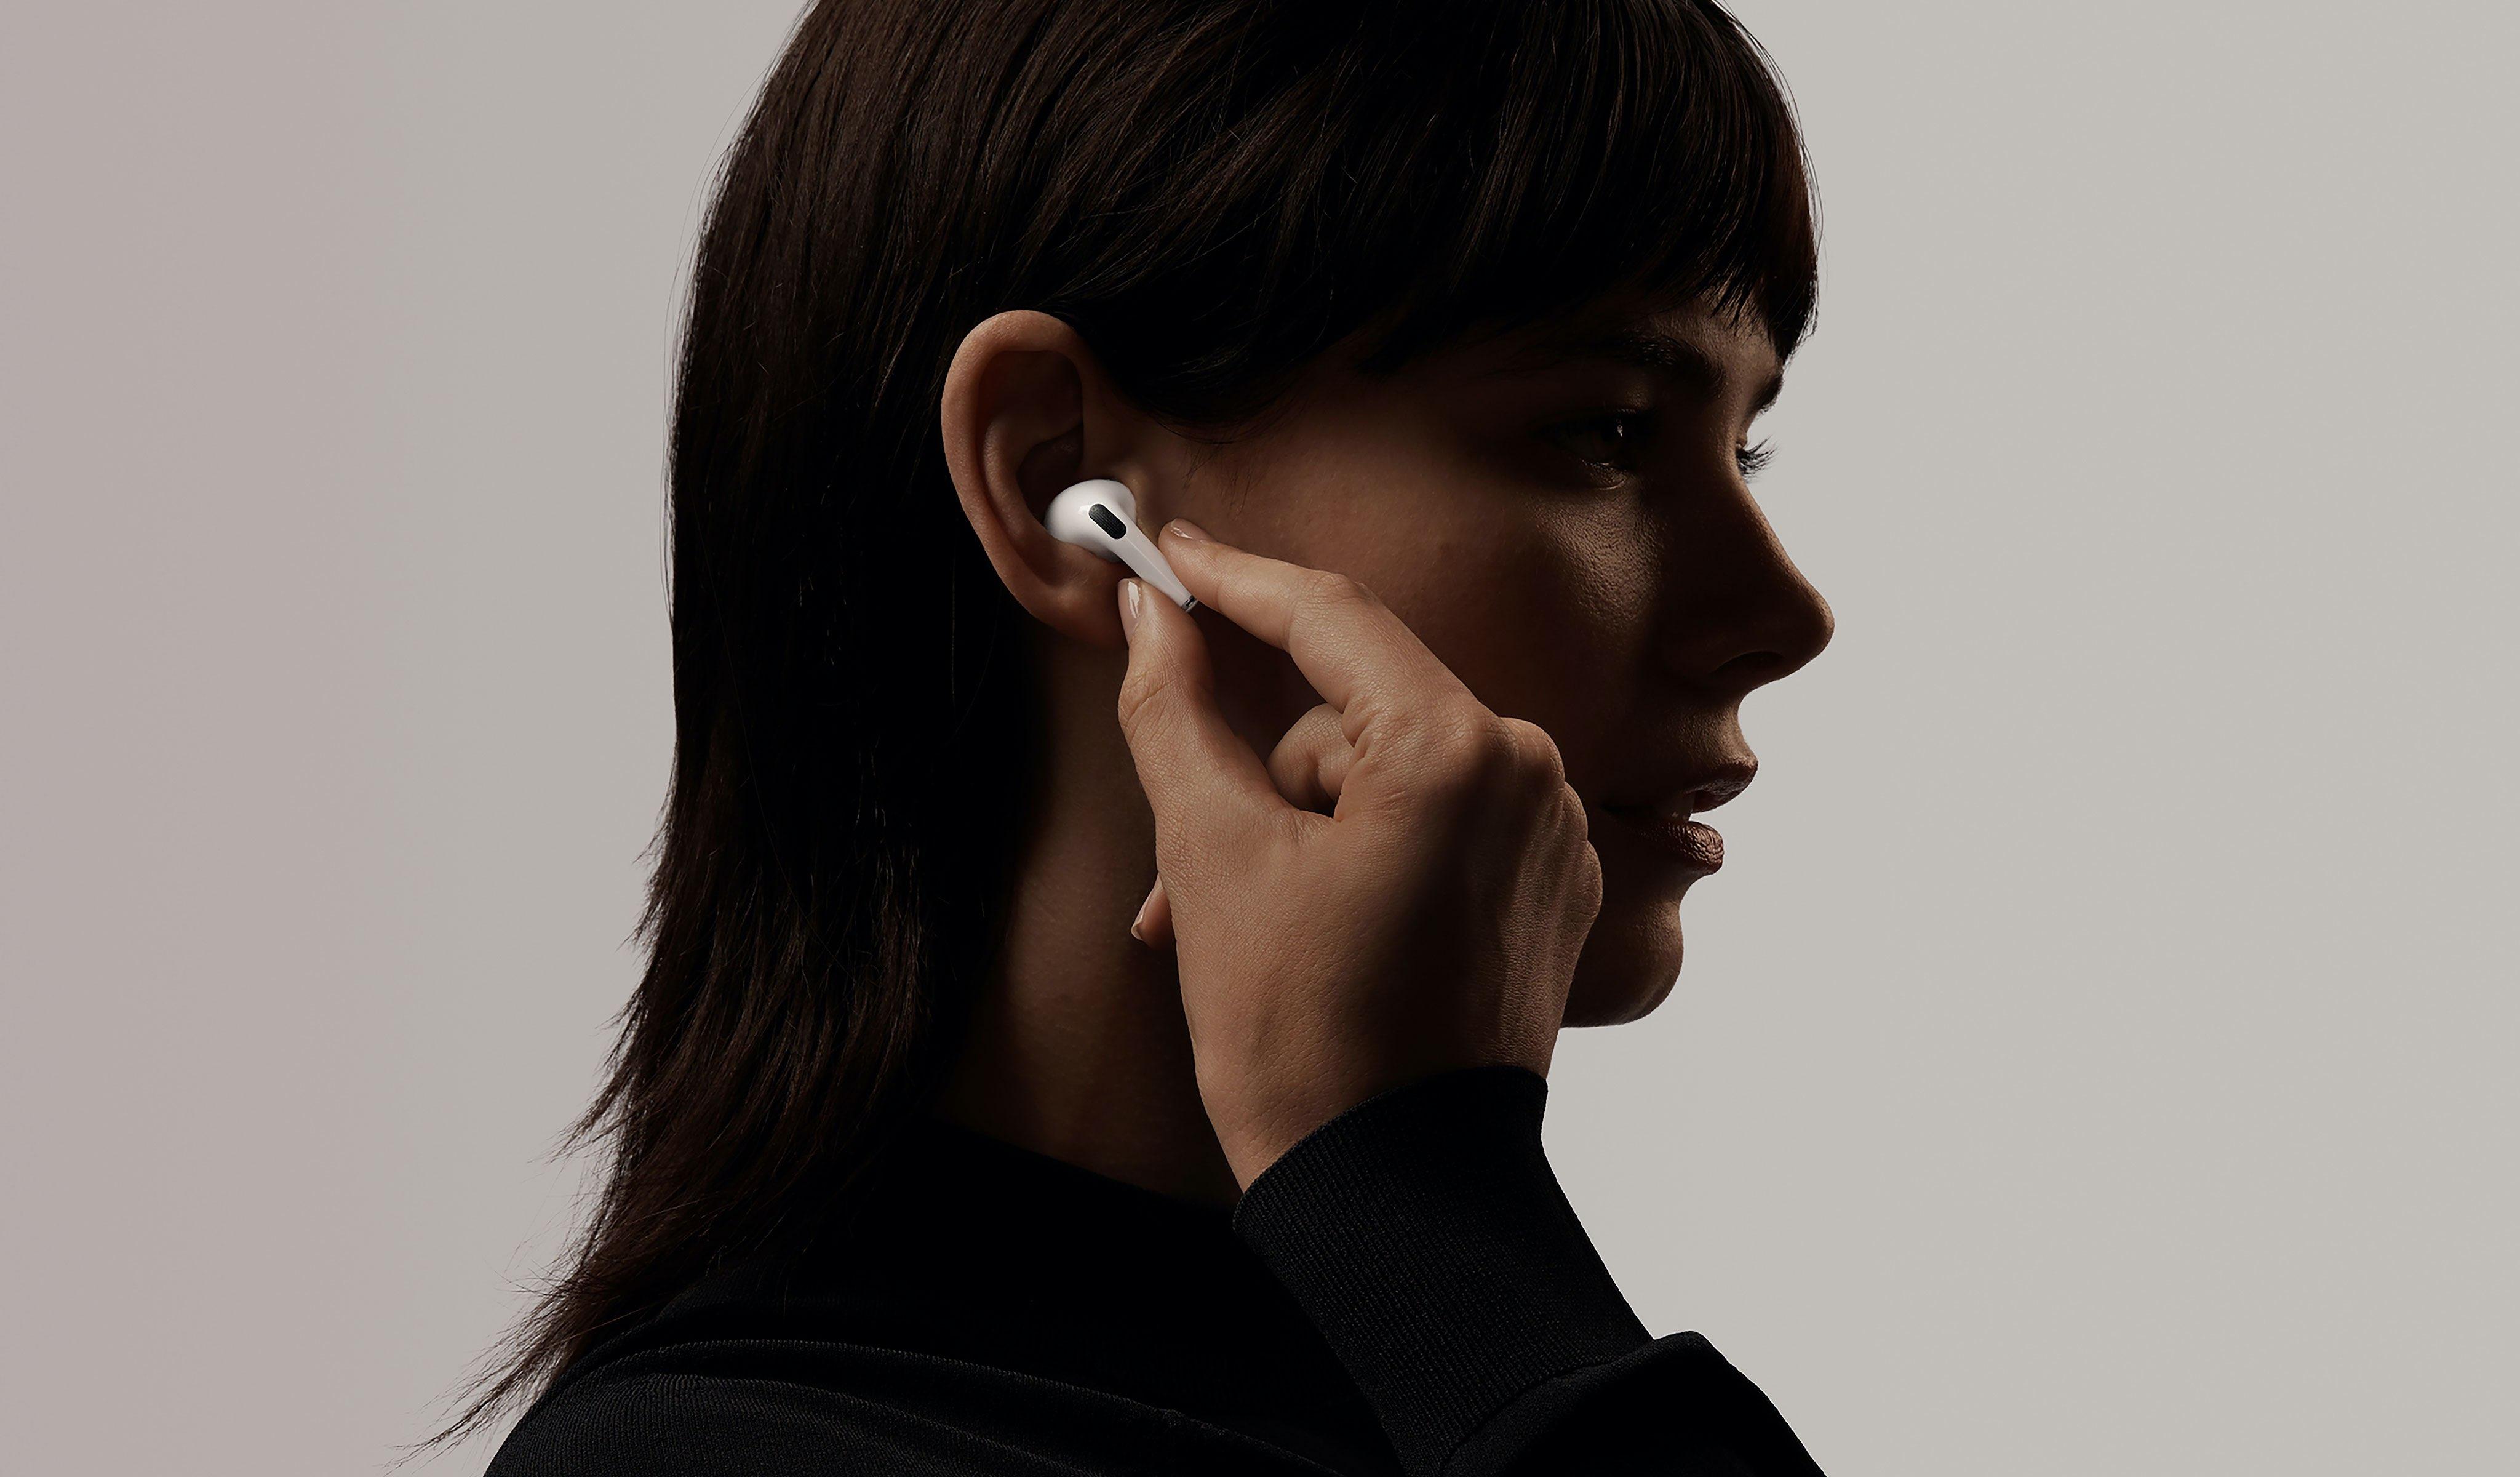 Обзор AirPods Pro_лучшие полностью беспроводные наушники от Apple - удобные наушники